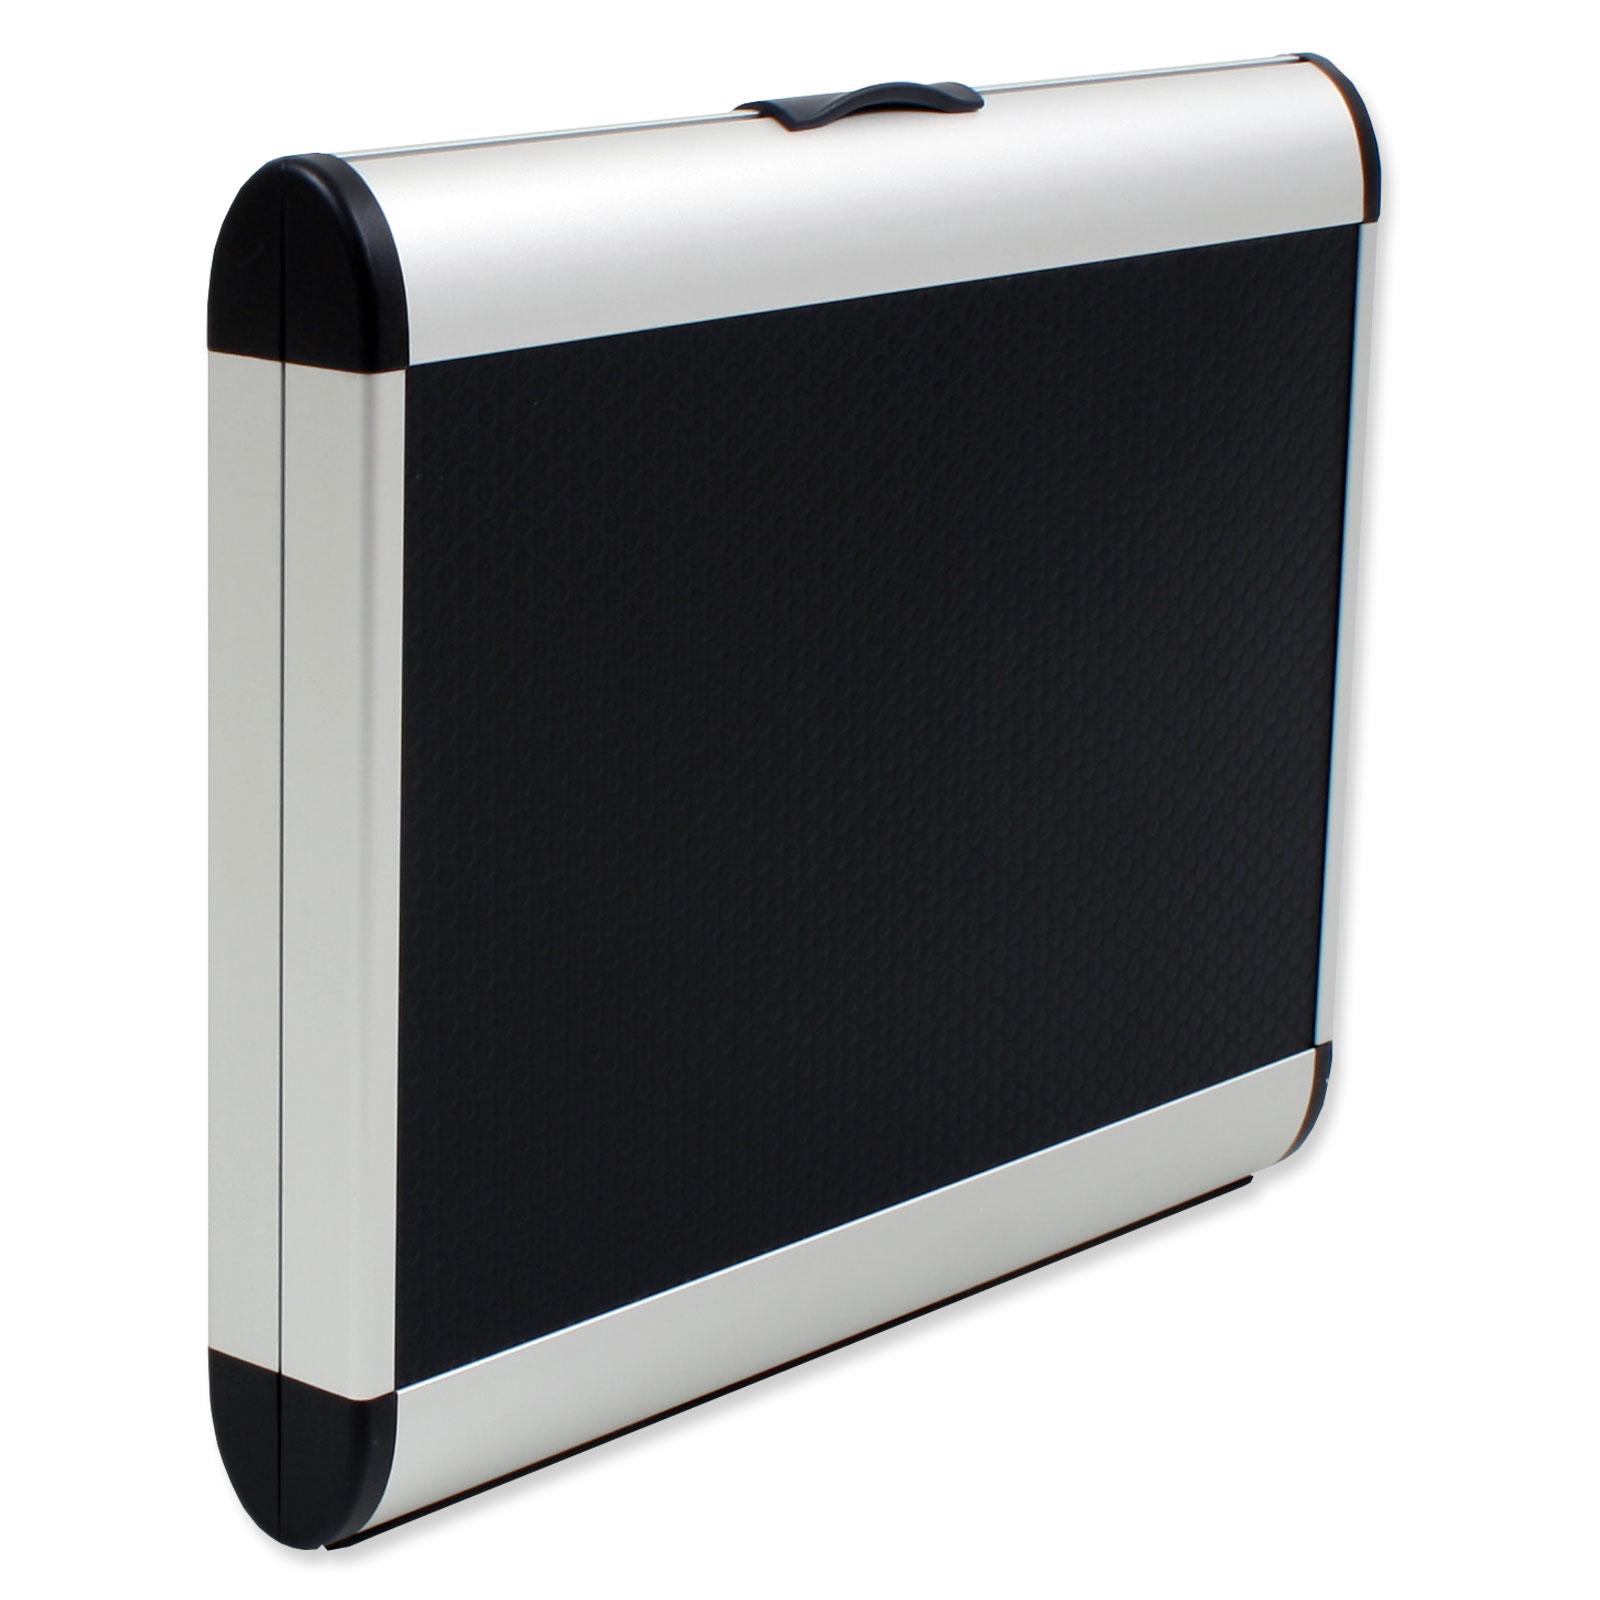 tablet zubeh r g nstig kaufen koffermarkt. Black Bedroom Furniture Sets. Home Design Ideas